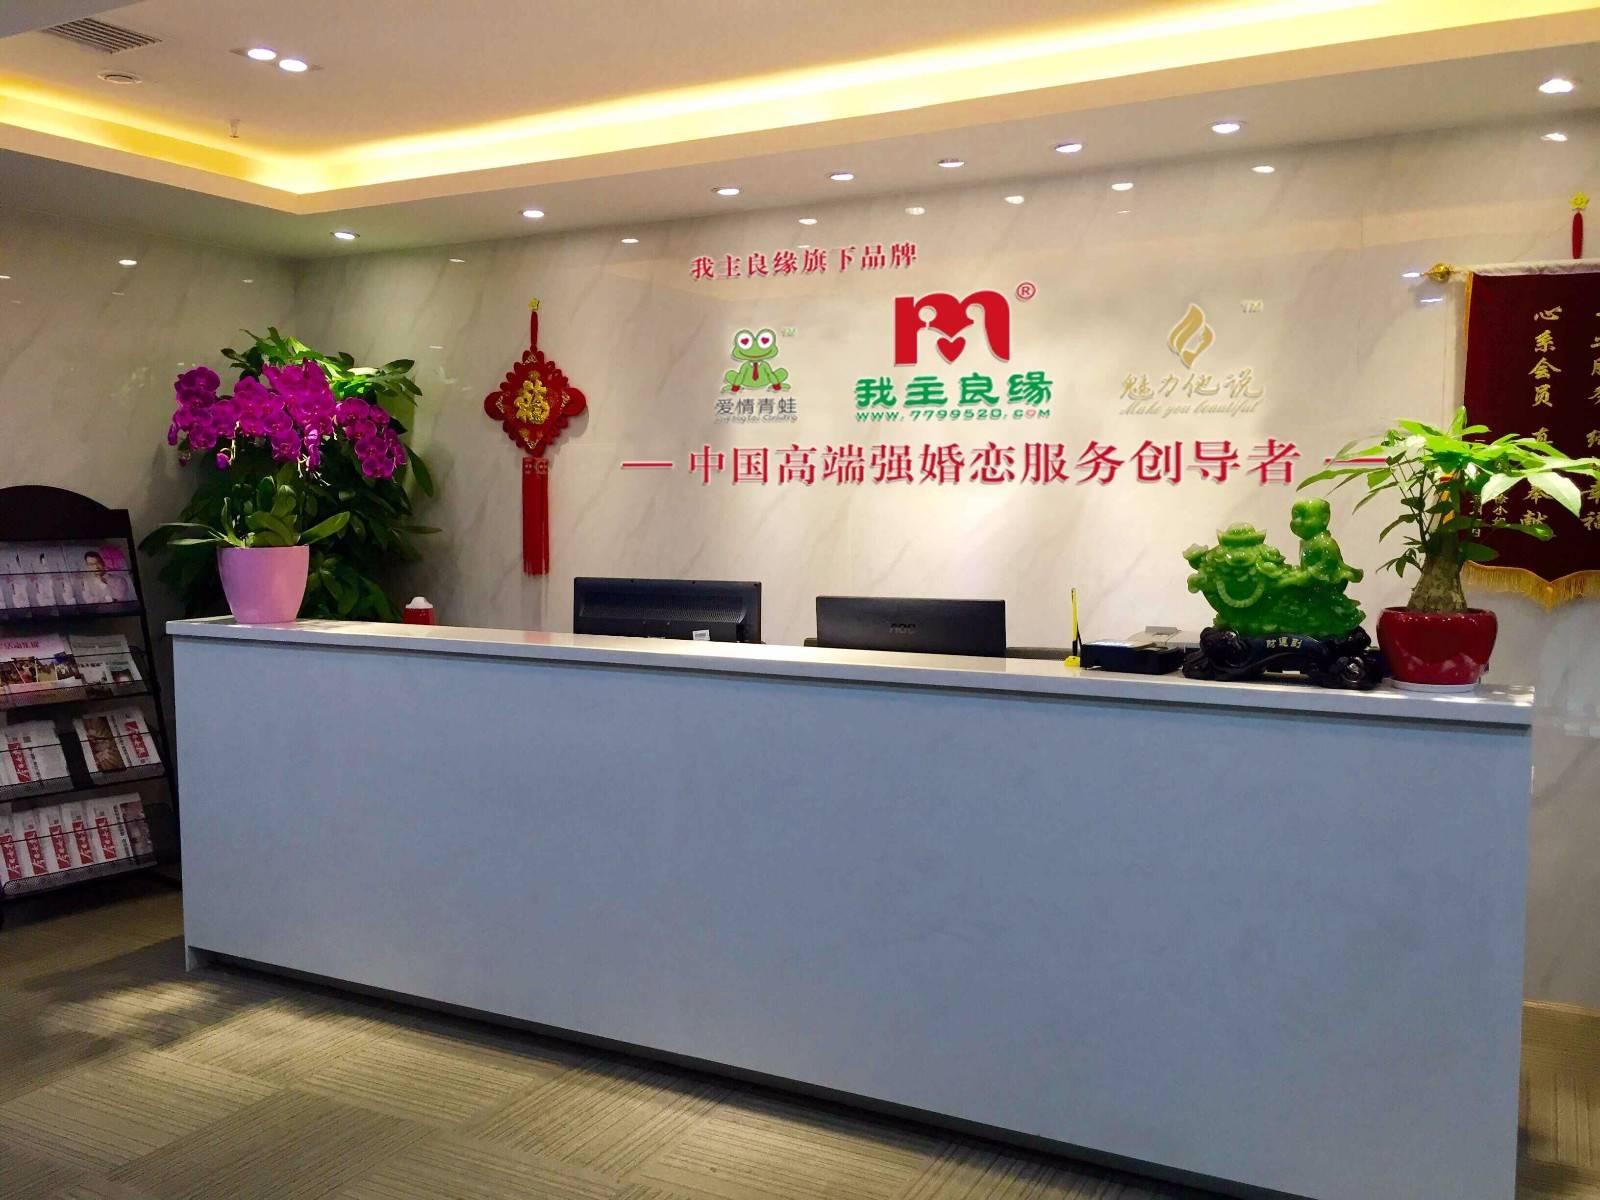 我主良缘进驻武汉、成都  全国14城22家直营店掀脱单热潮